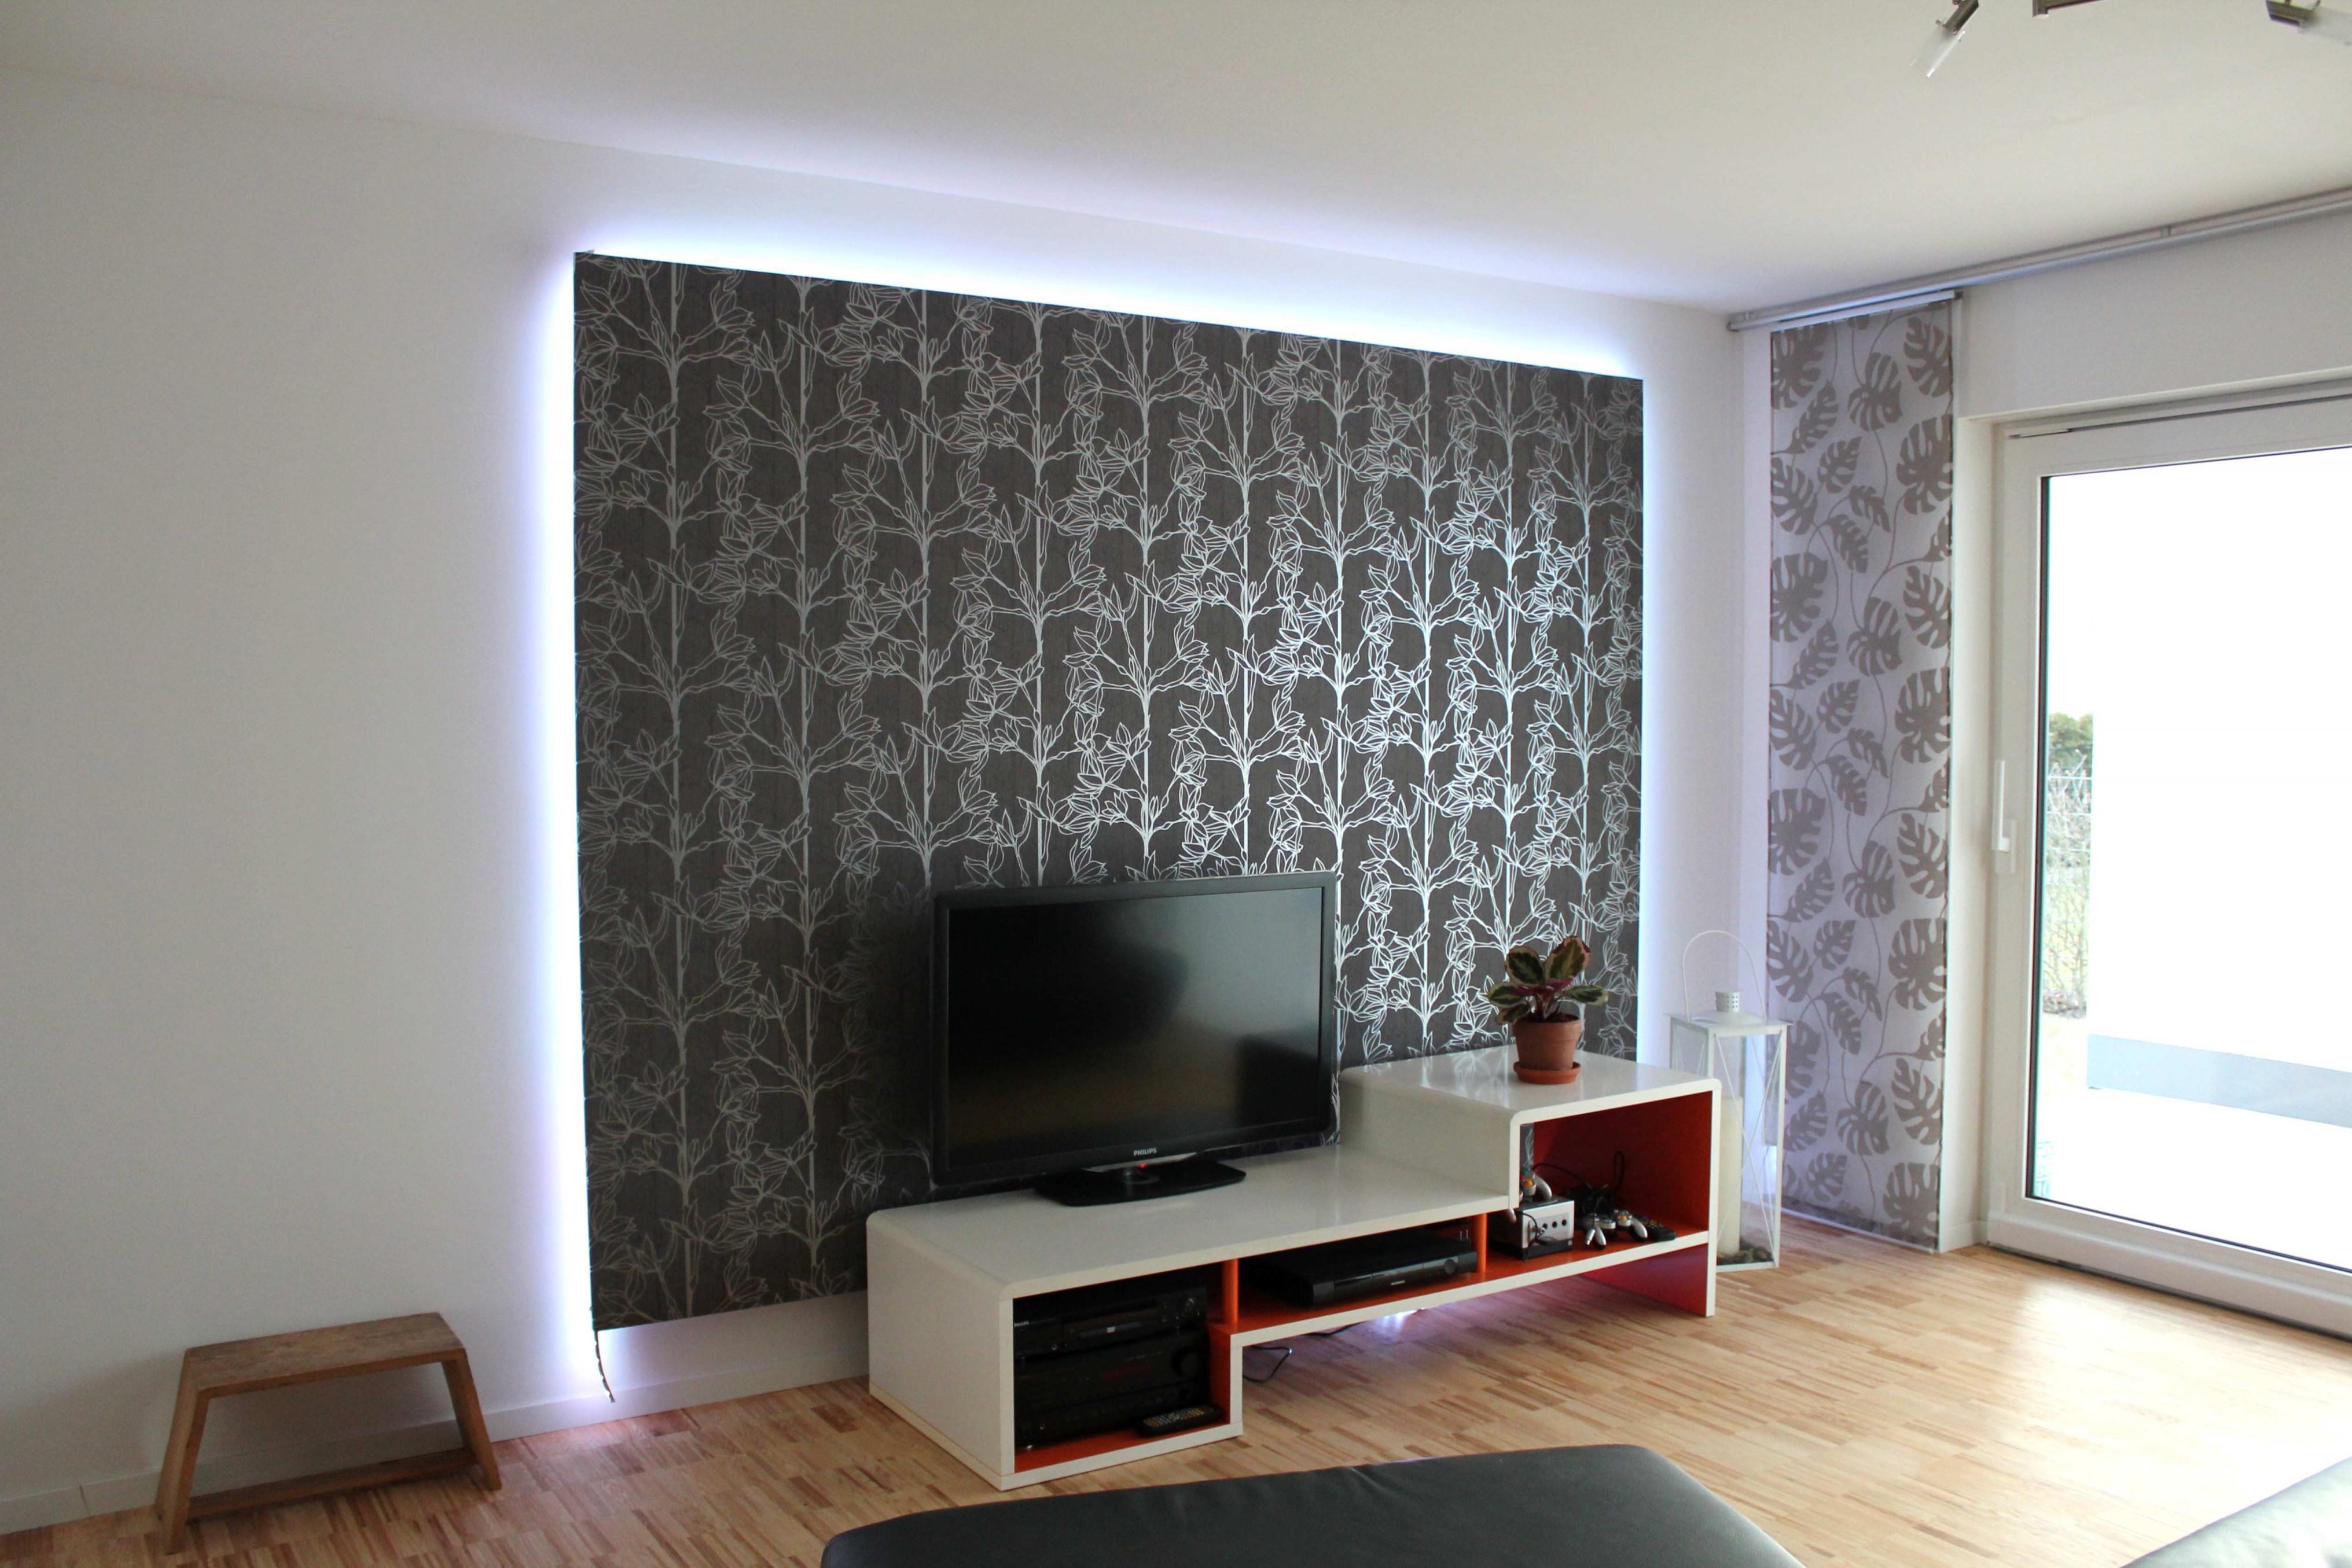 Deko Wand Wohnzimmer Elegant Wohnzimmer Wand Planen  Tolles von Wand Wohnzimmer Deko Bild